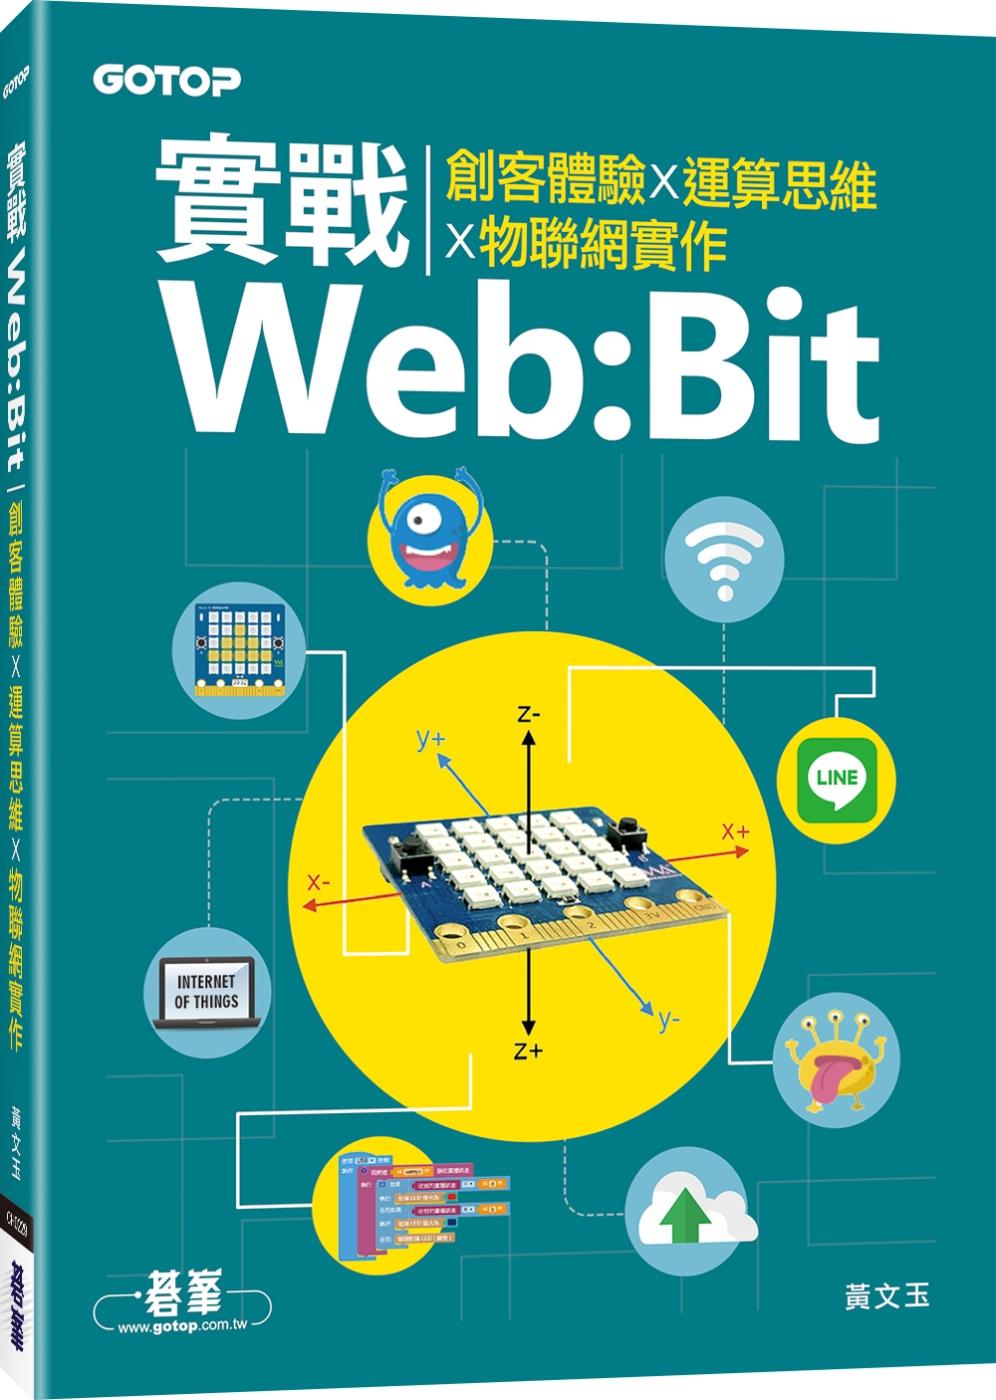 實戰Web:Bit 創客體驗x運算思維x物聯網實作